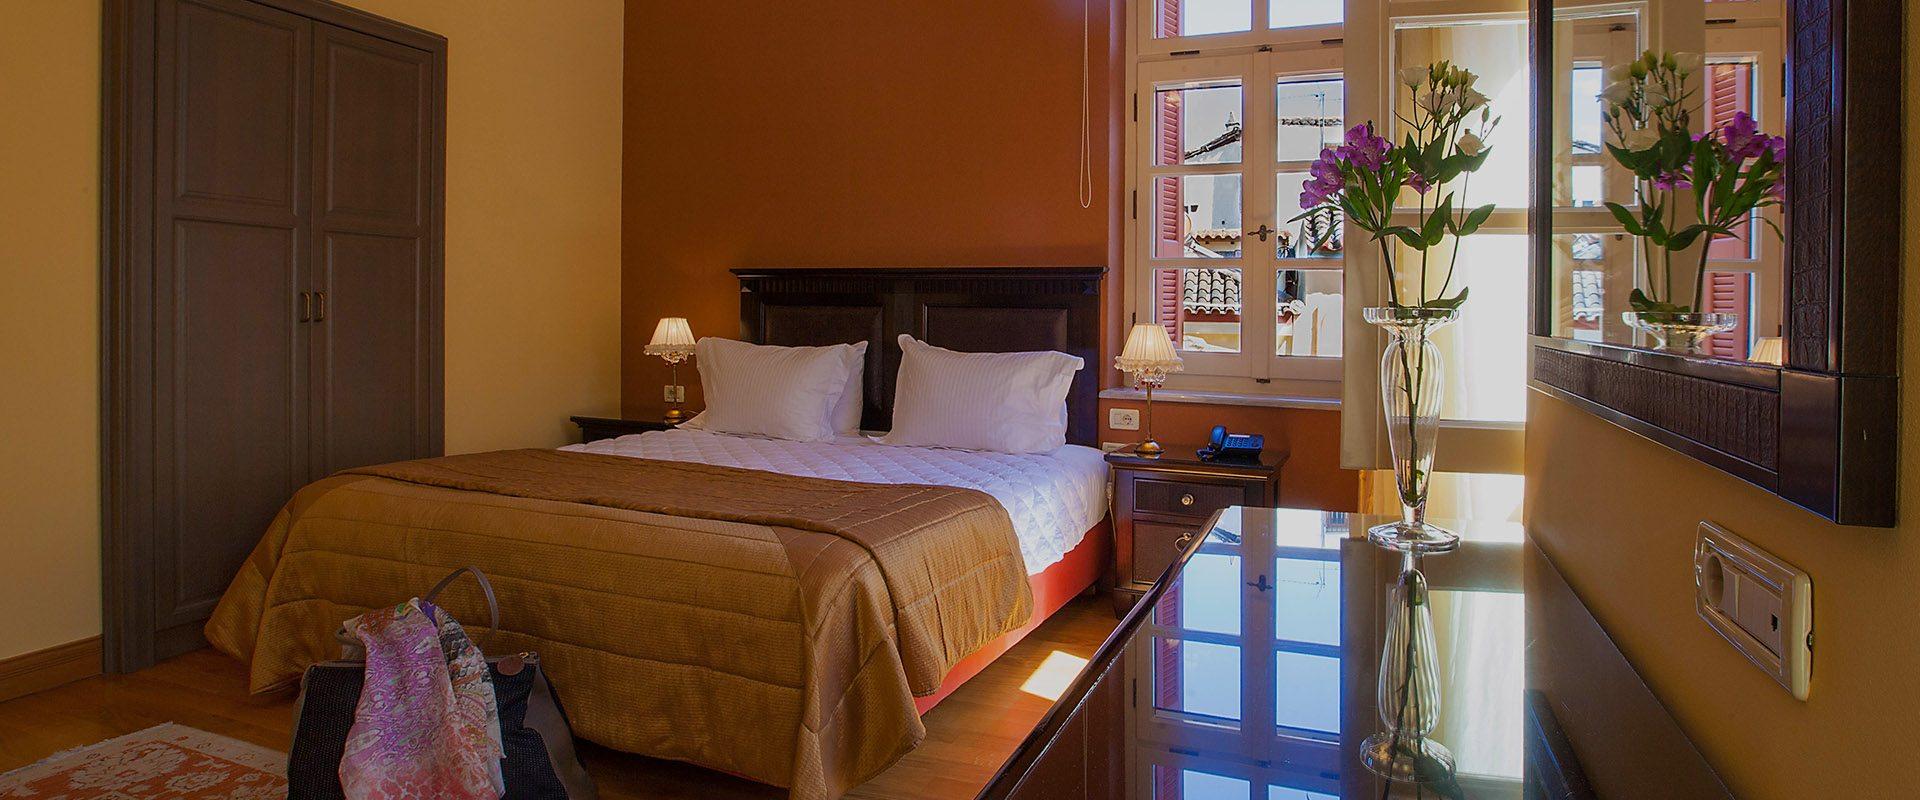 ξενοδοχεια ναυπλιο - Aetoma hotel